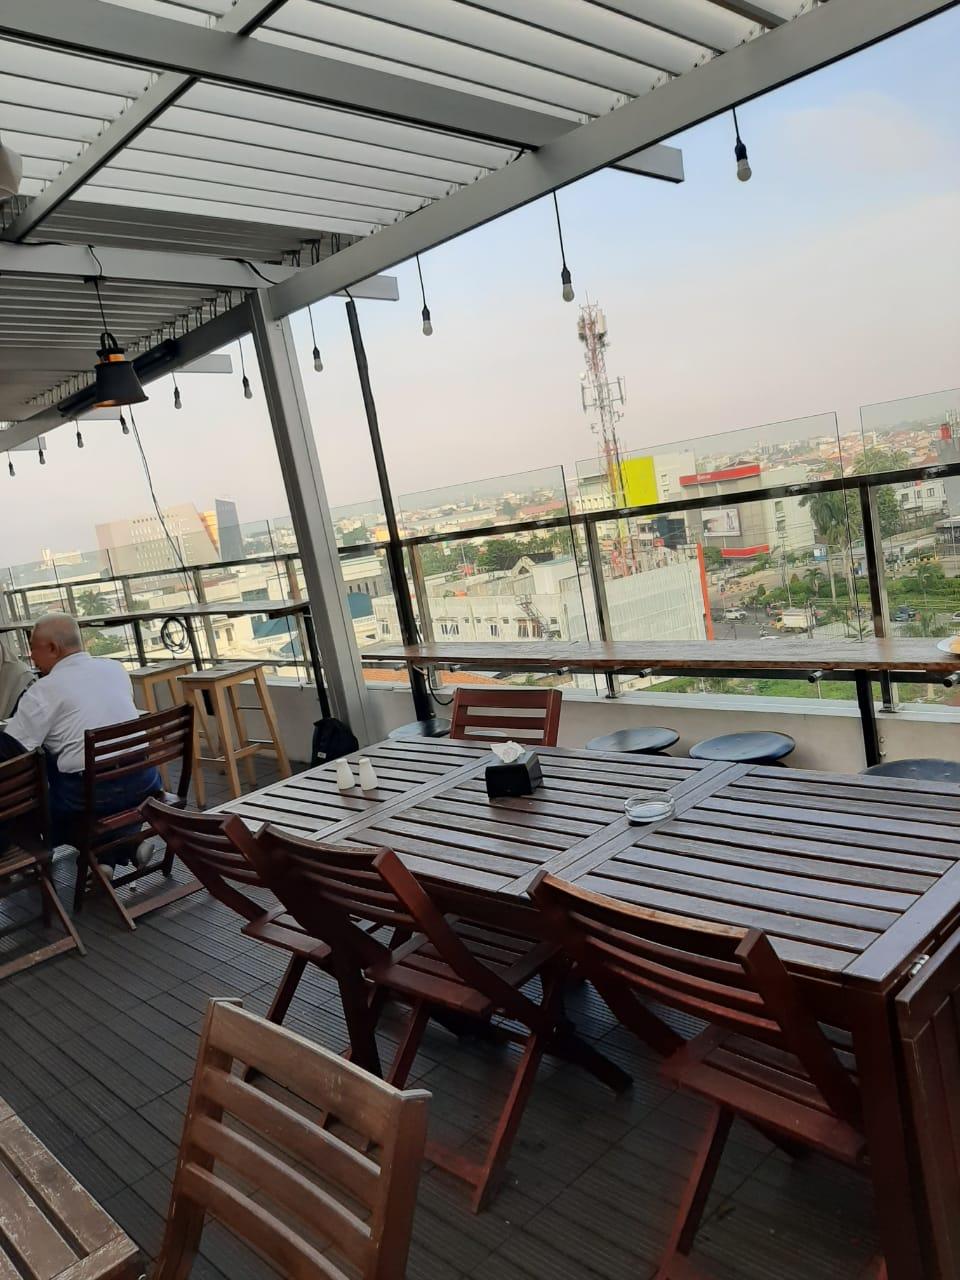 Ferreira Cafe Palembang